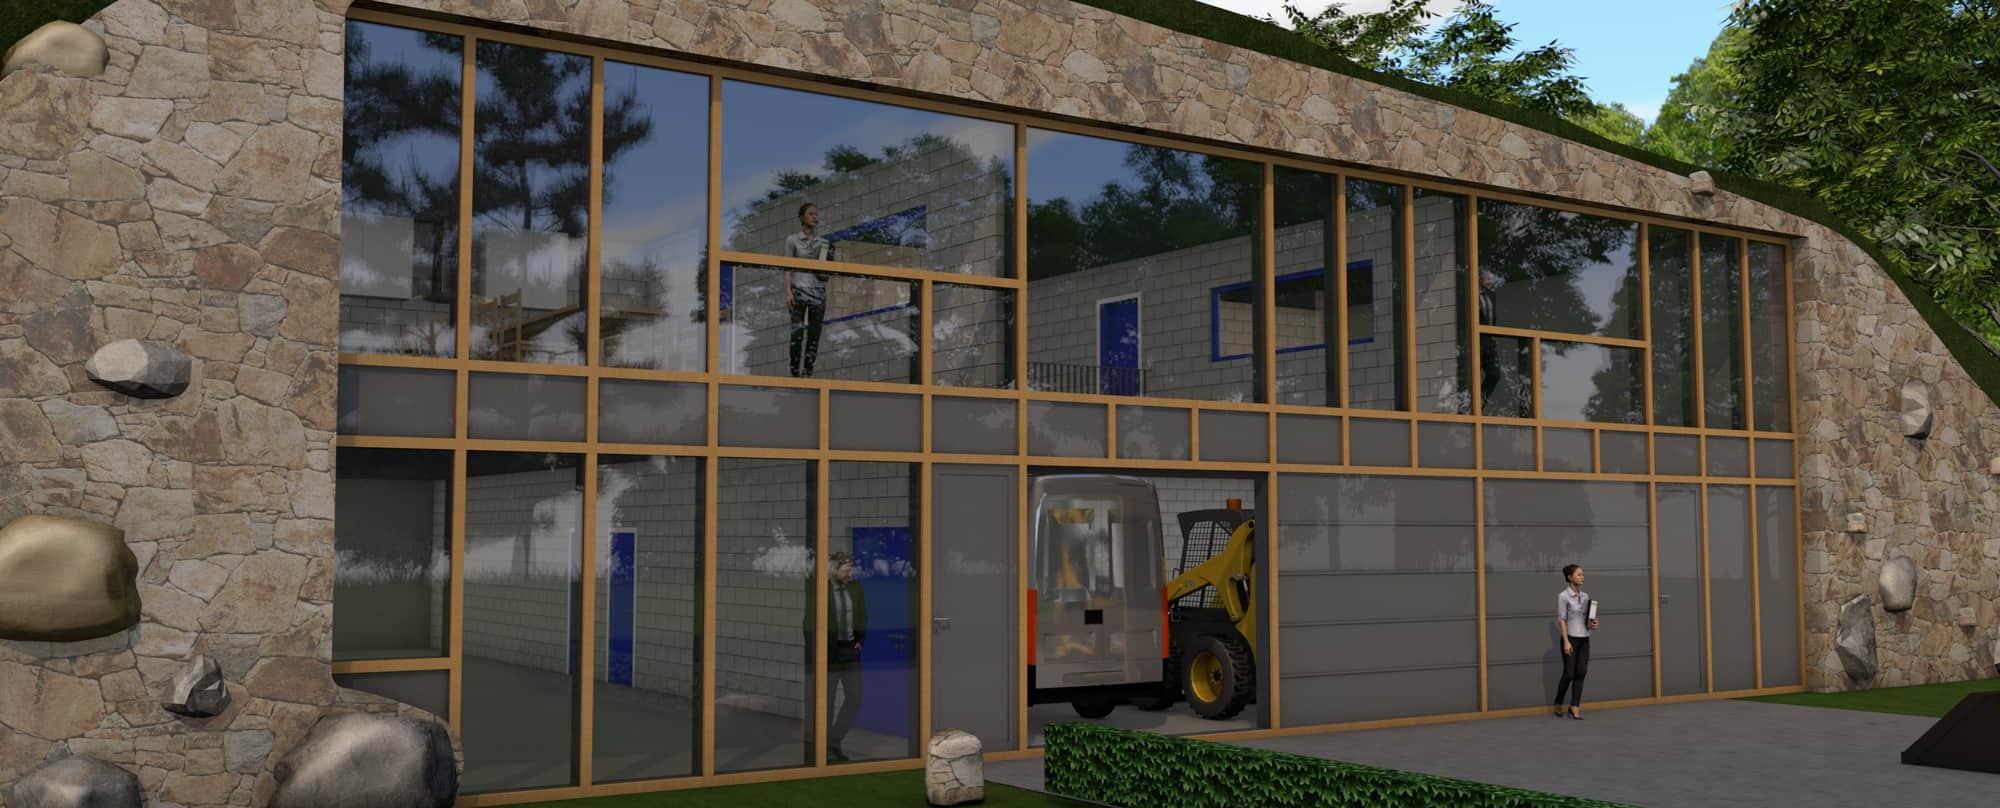 Detail afbeelding 5 van LIETEBERG – Technische dienst – Wedstrijdontwerp + uitvoeringsontwerp | Ontwerp door architect Patrick Strackx